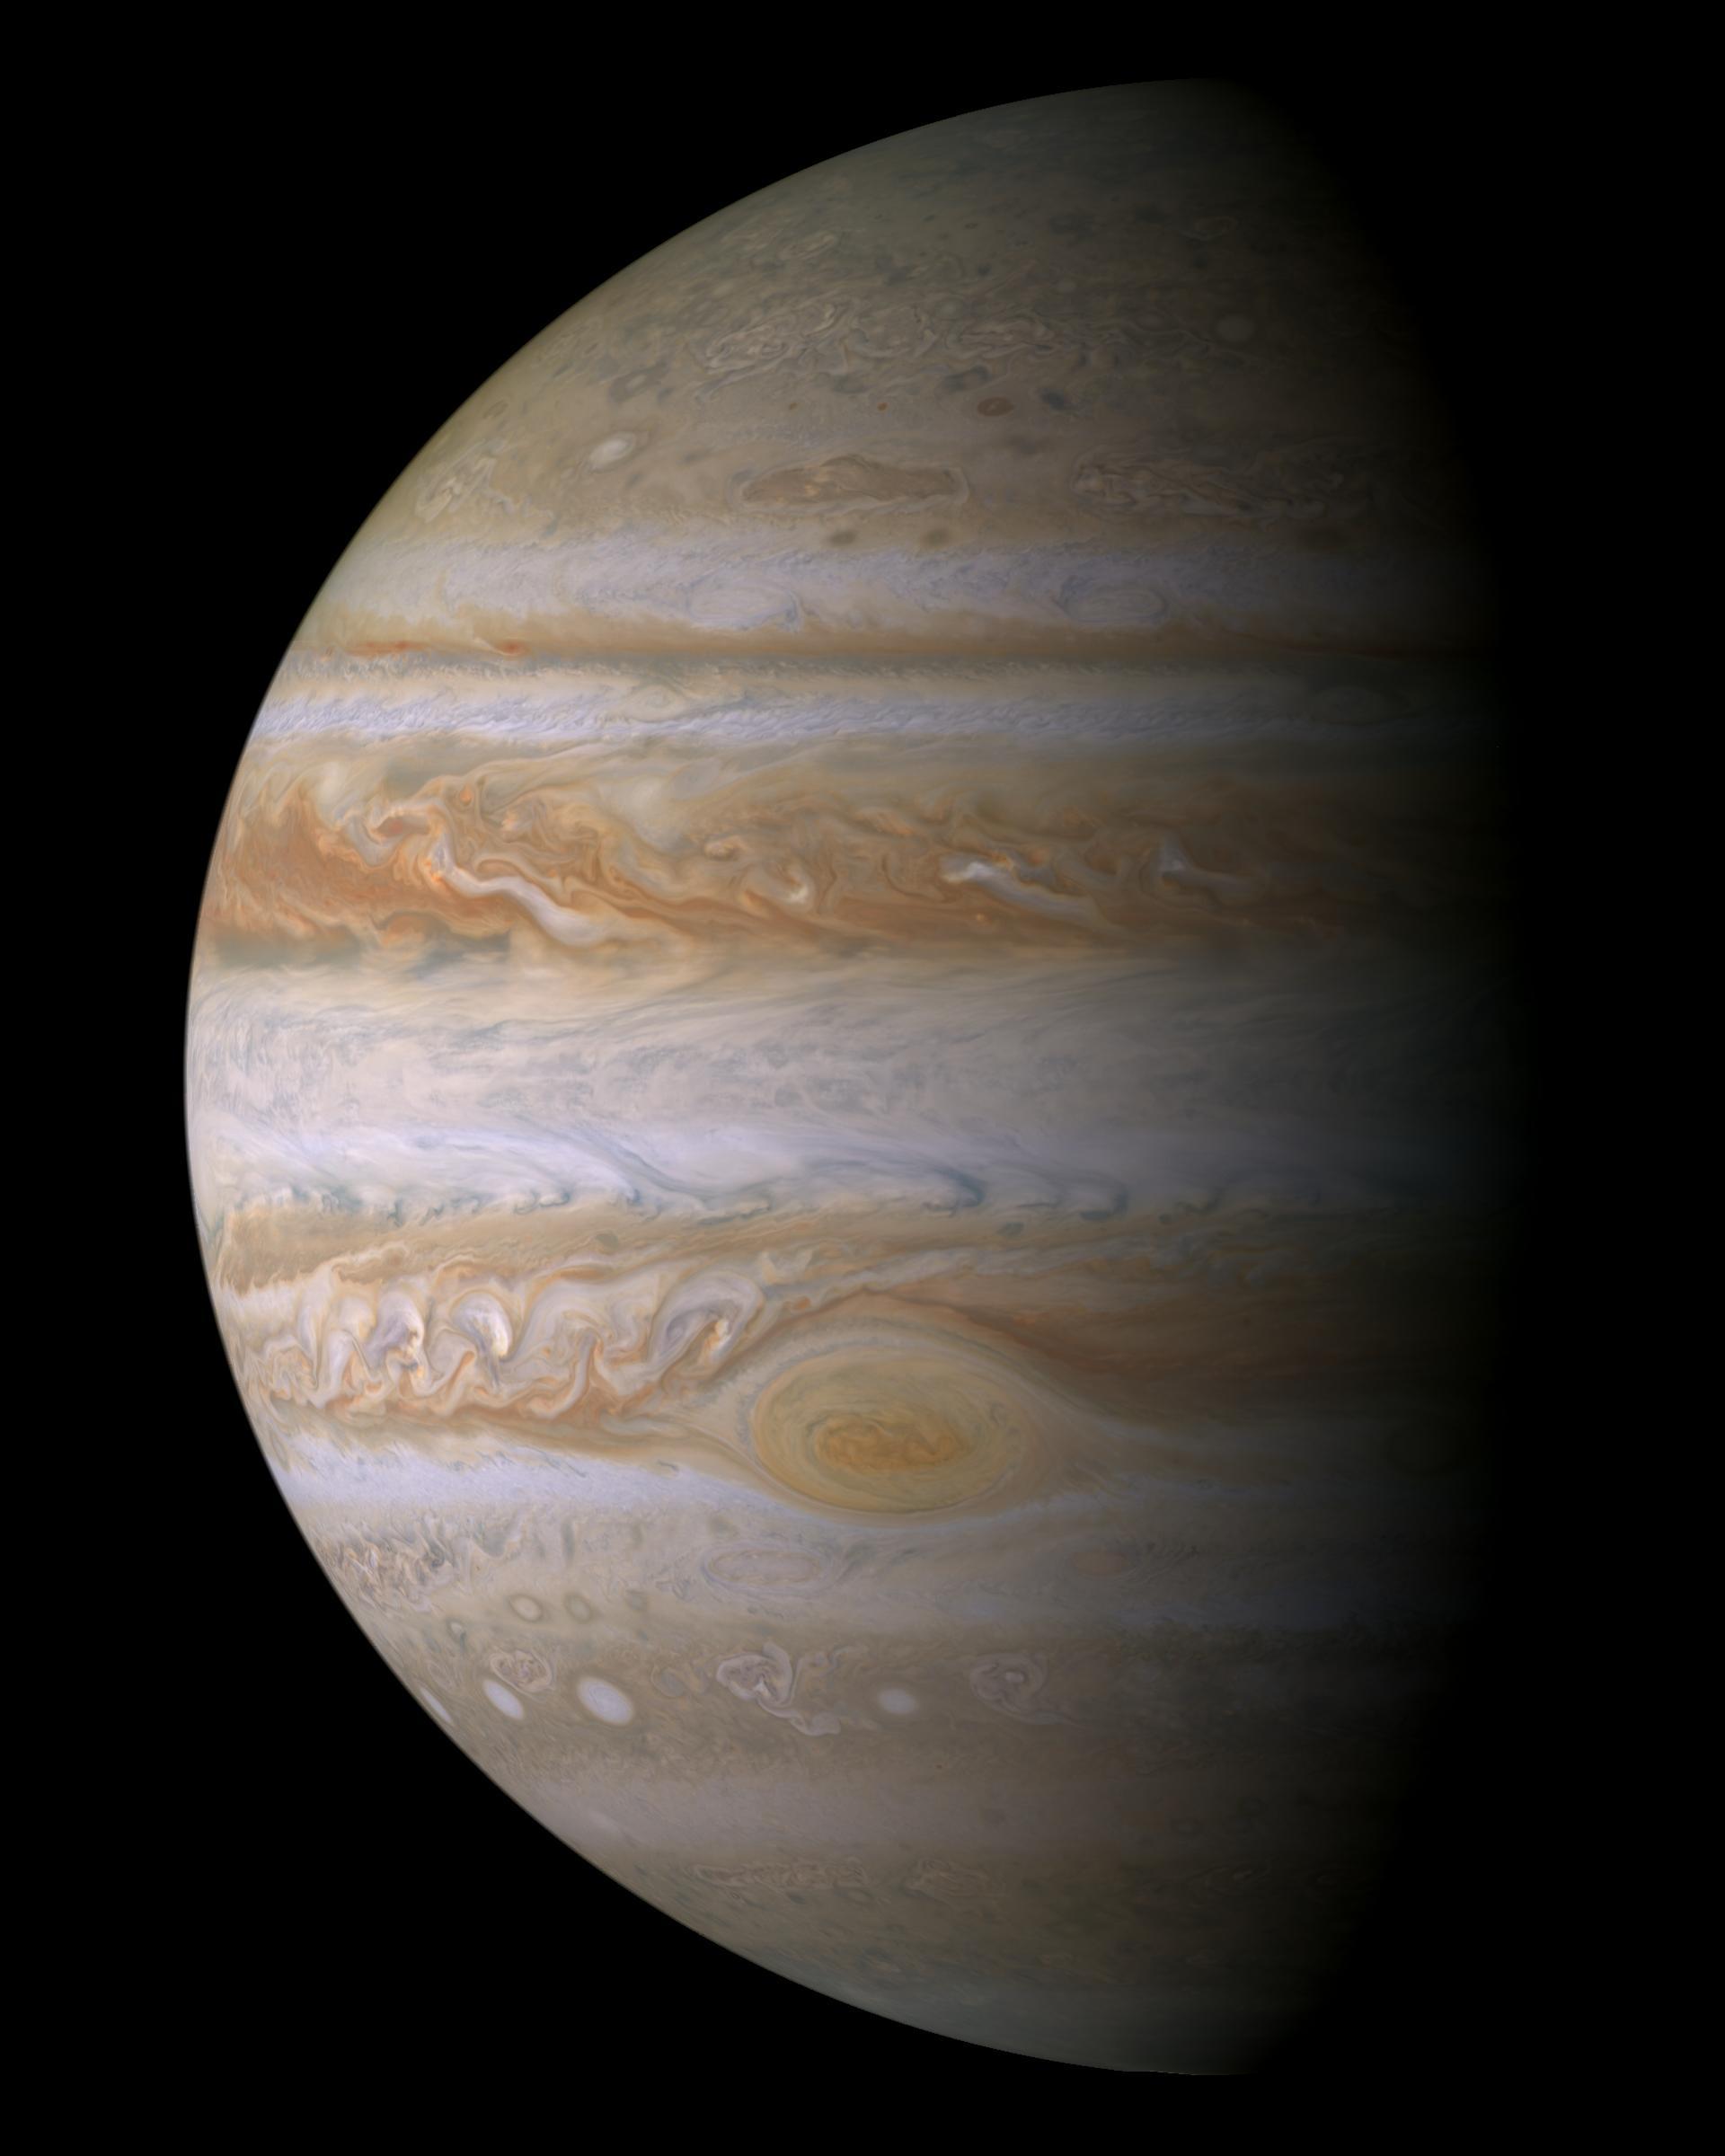 Cassini Spacecraft Jupiter Nasa 39 s Cassini Spacecraft